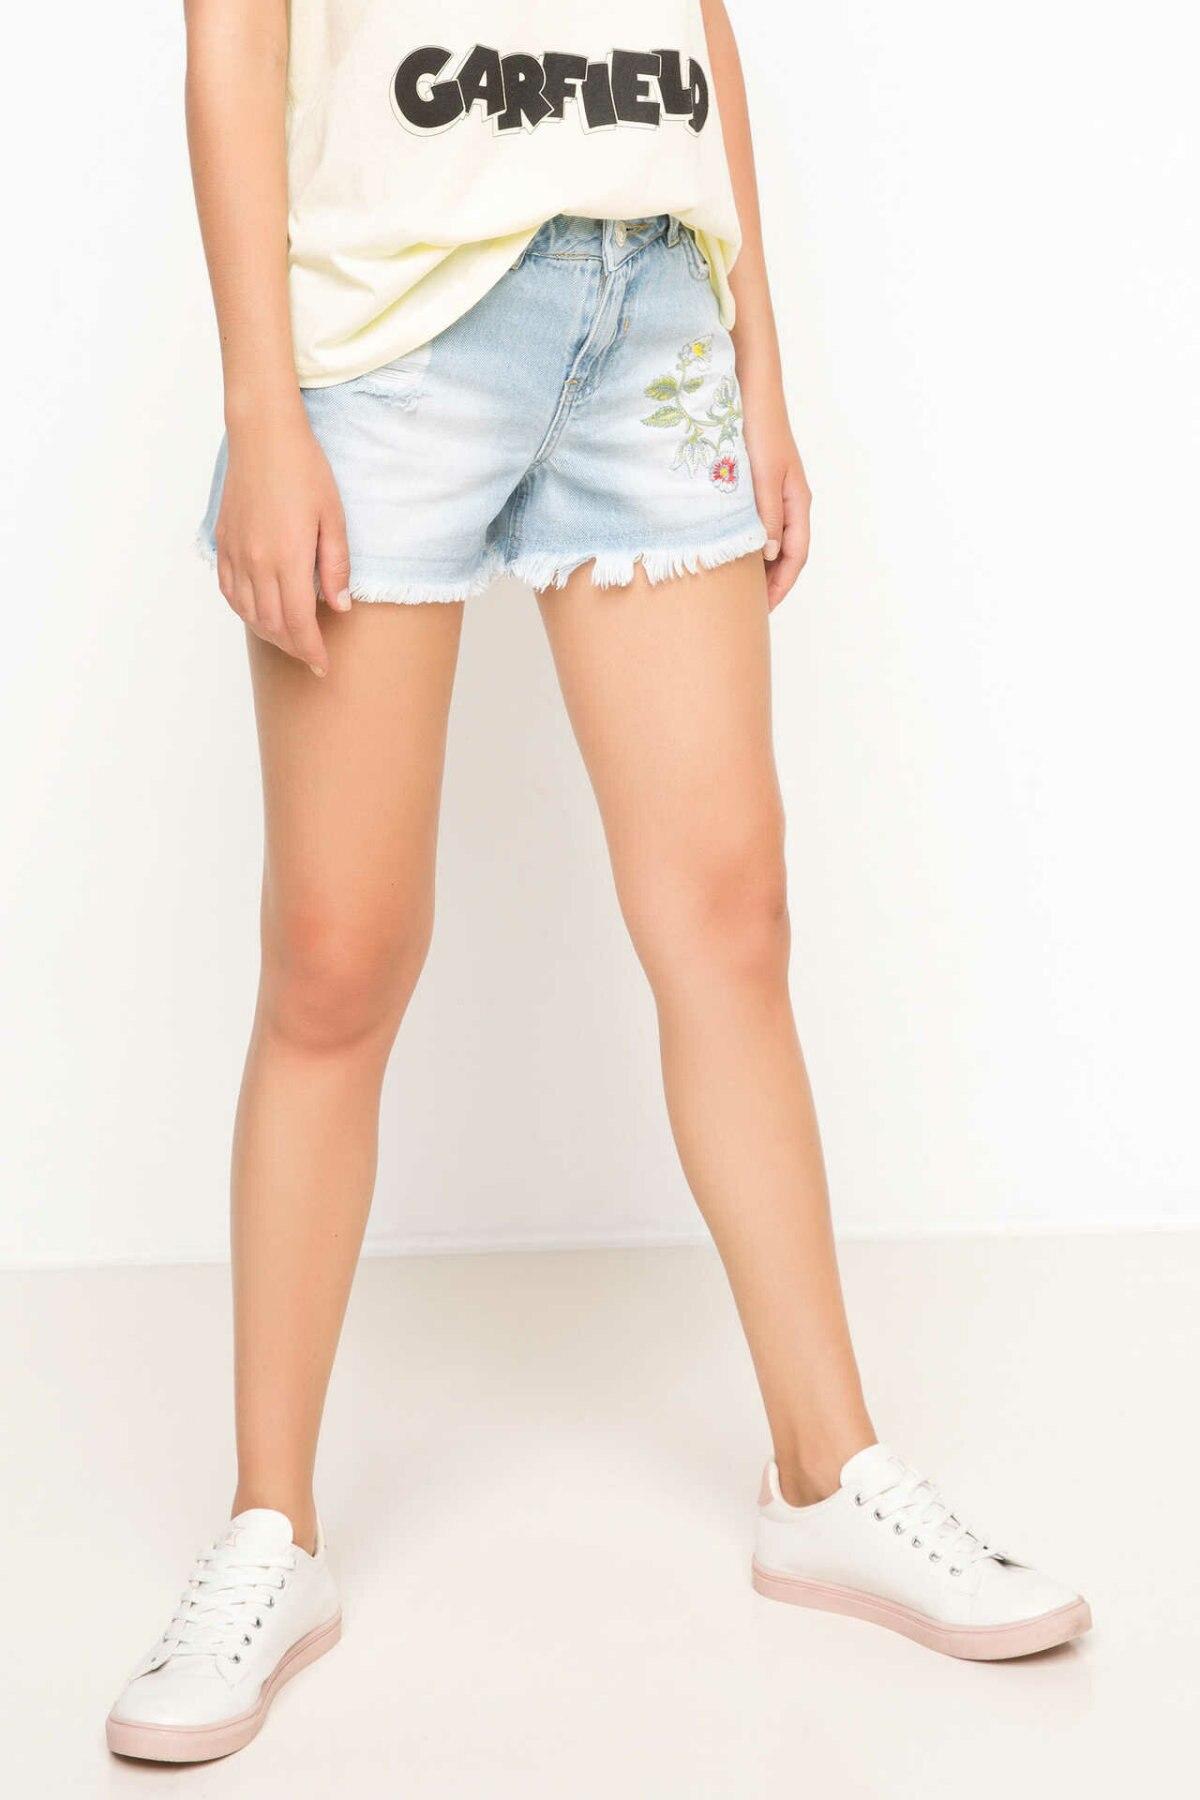 DeFacto Women Joker Worn Blue Mid-Waist Pencil Denim Solid Shorts High Street Simple Jeans Shorts Women-H9284AZ17HS